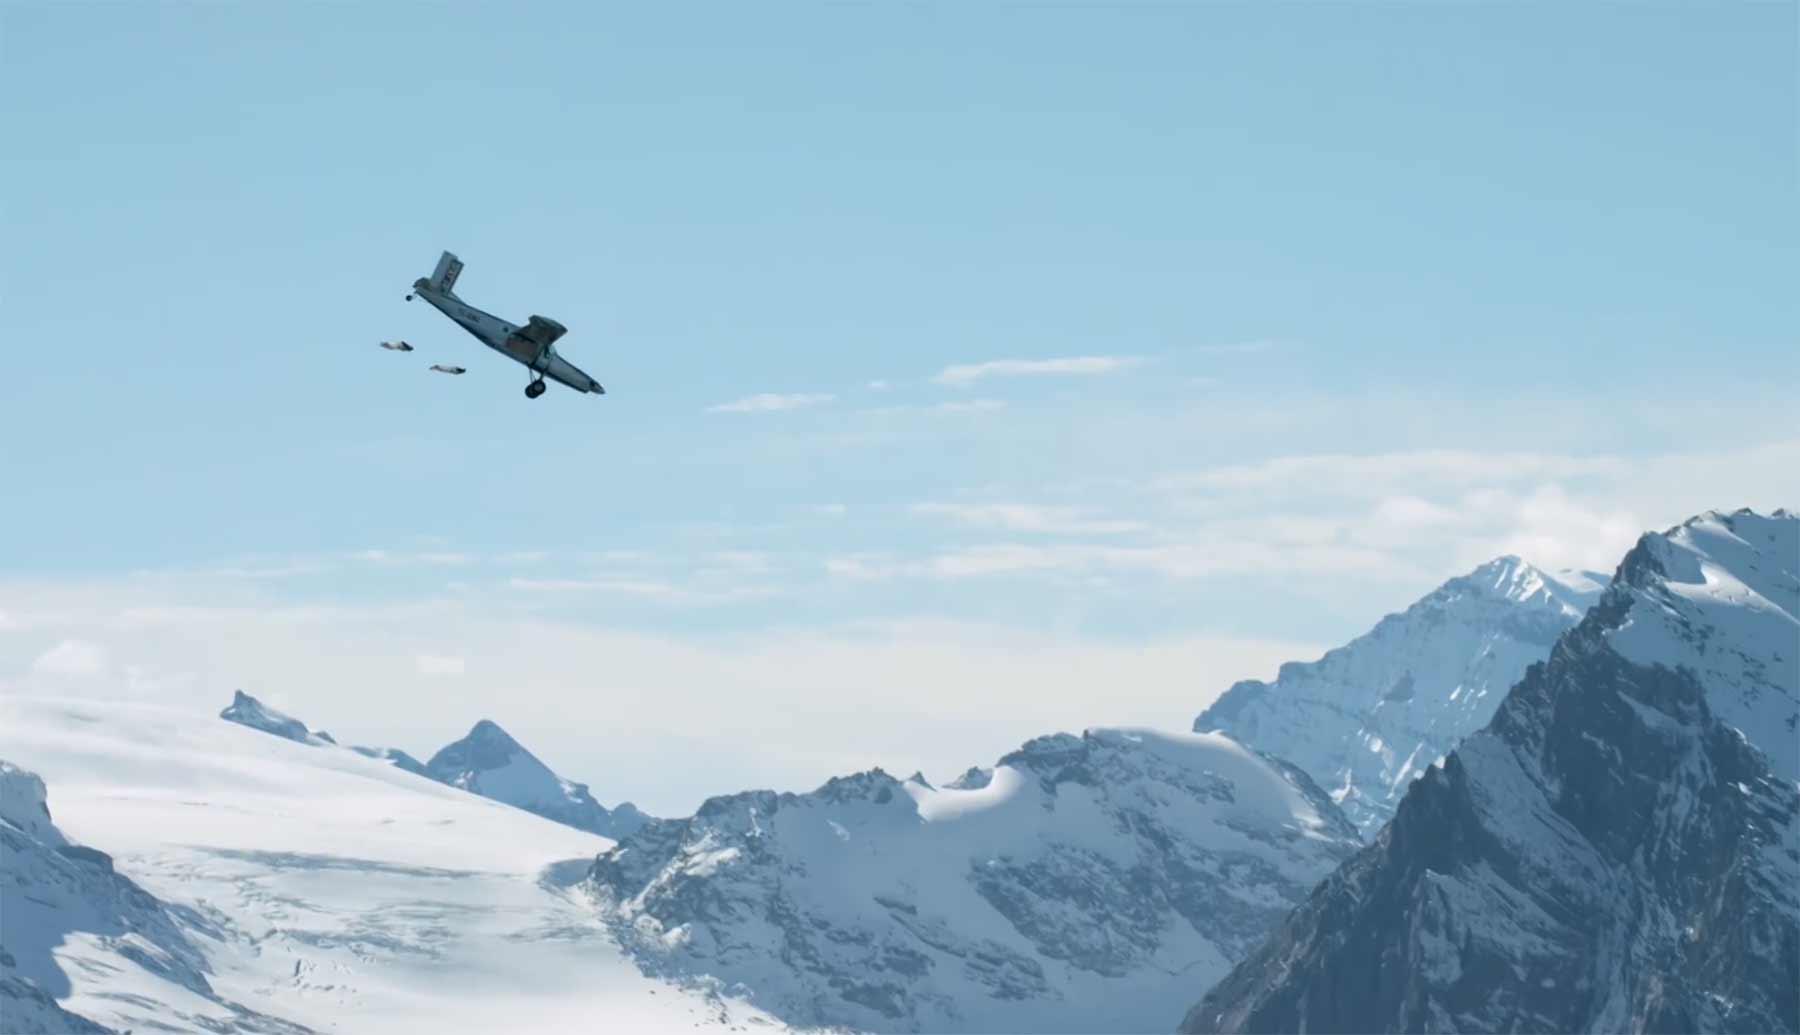 Wingsuit-Basejumper springen vom Berg in ein fliegendes Flugzeug